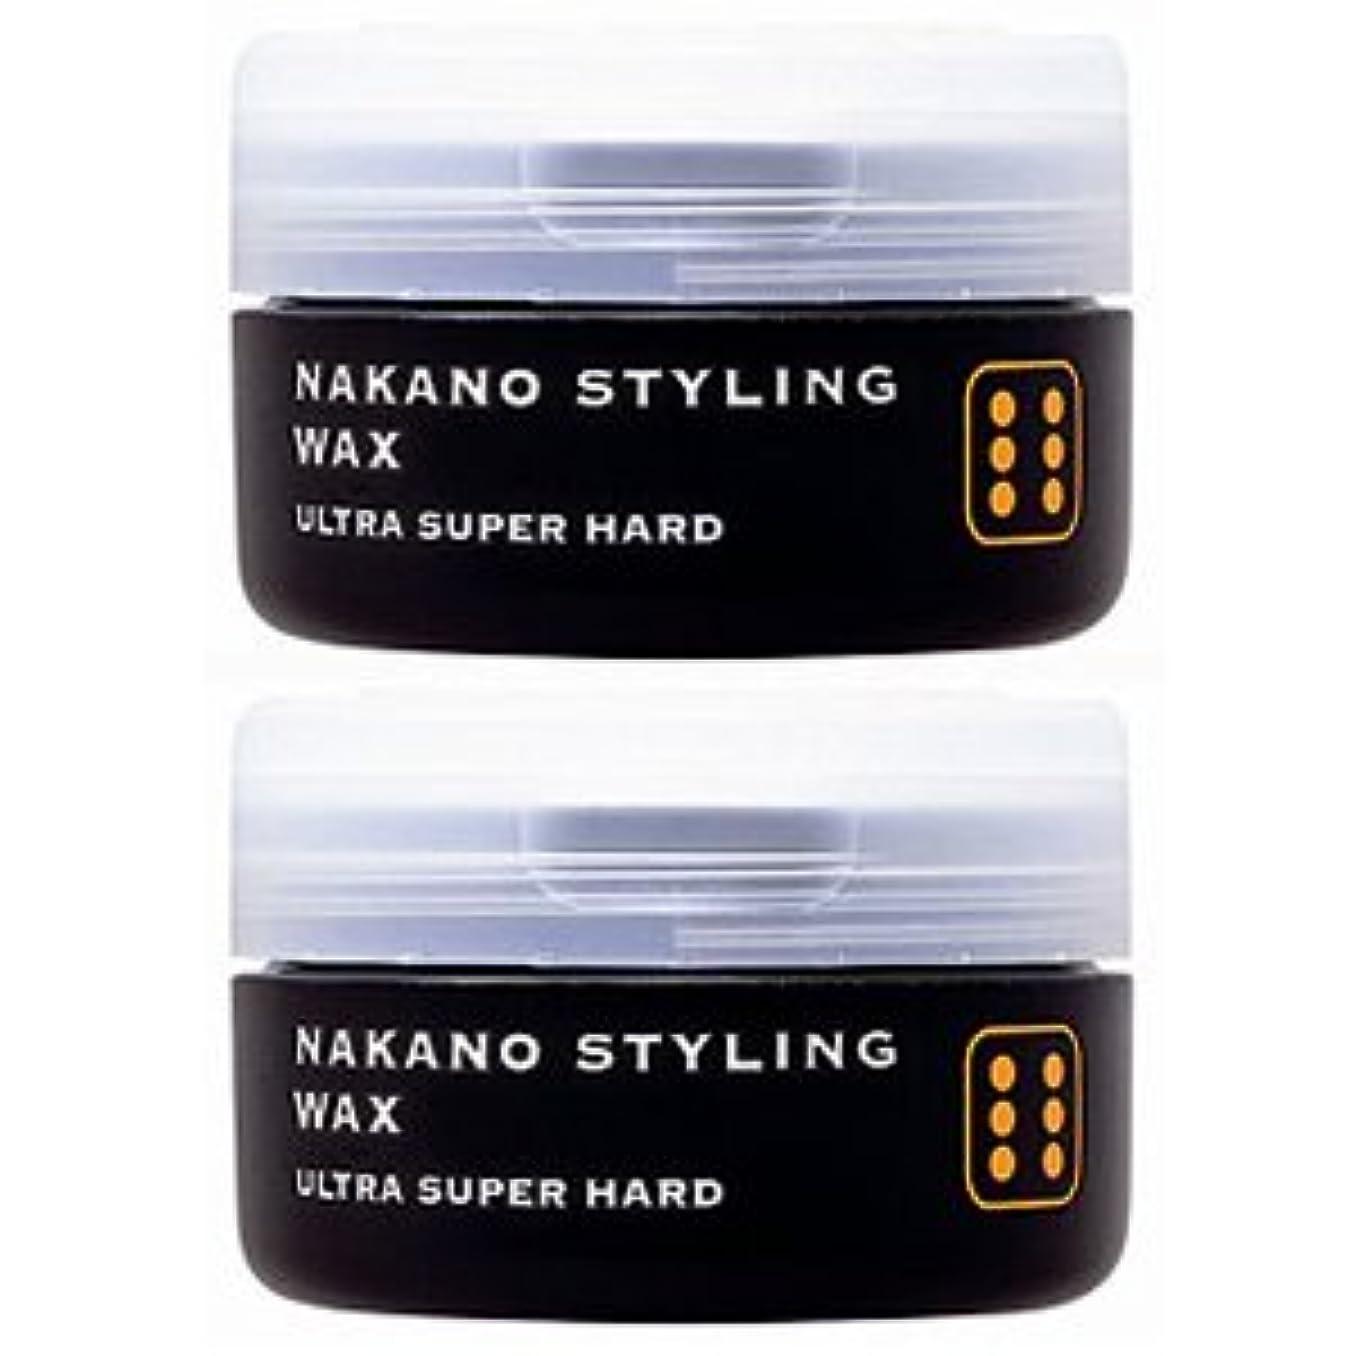 アソシエイトフラフープ歴史ナカノ スタイリングワックス 6 ウルトラスーパーハード 90g 『2個セット』